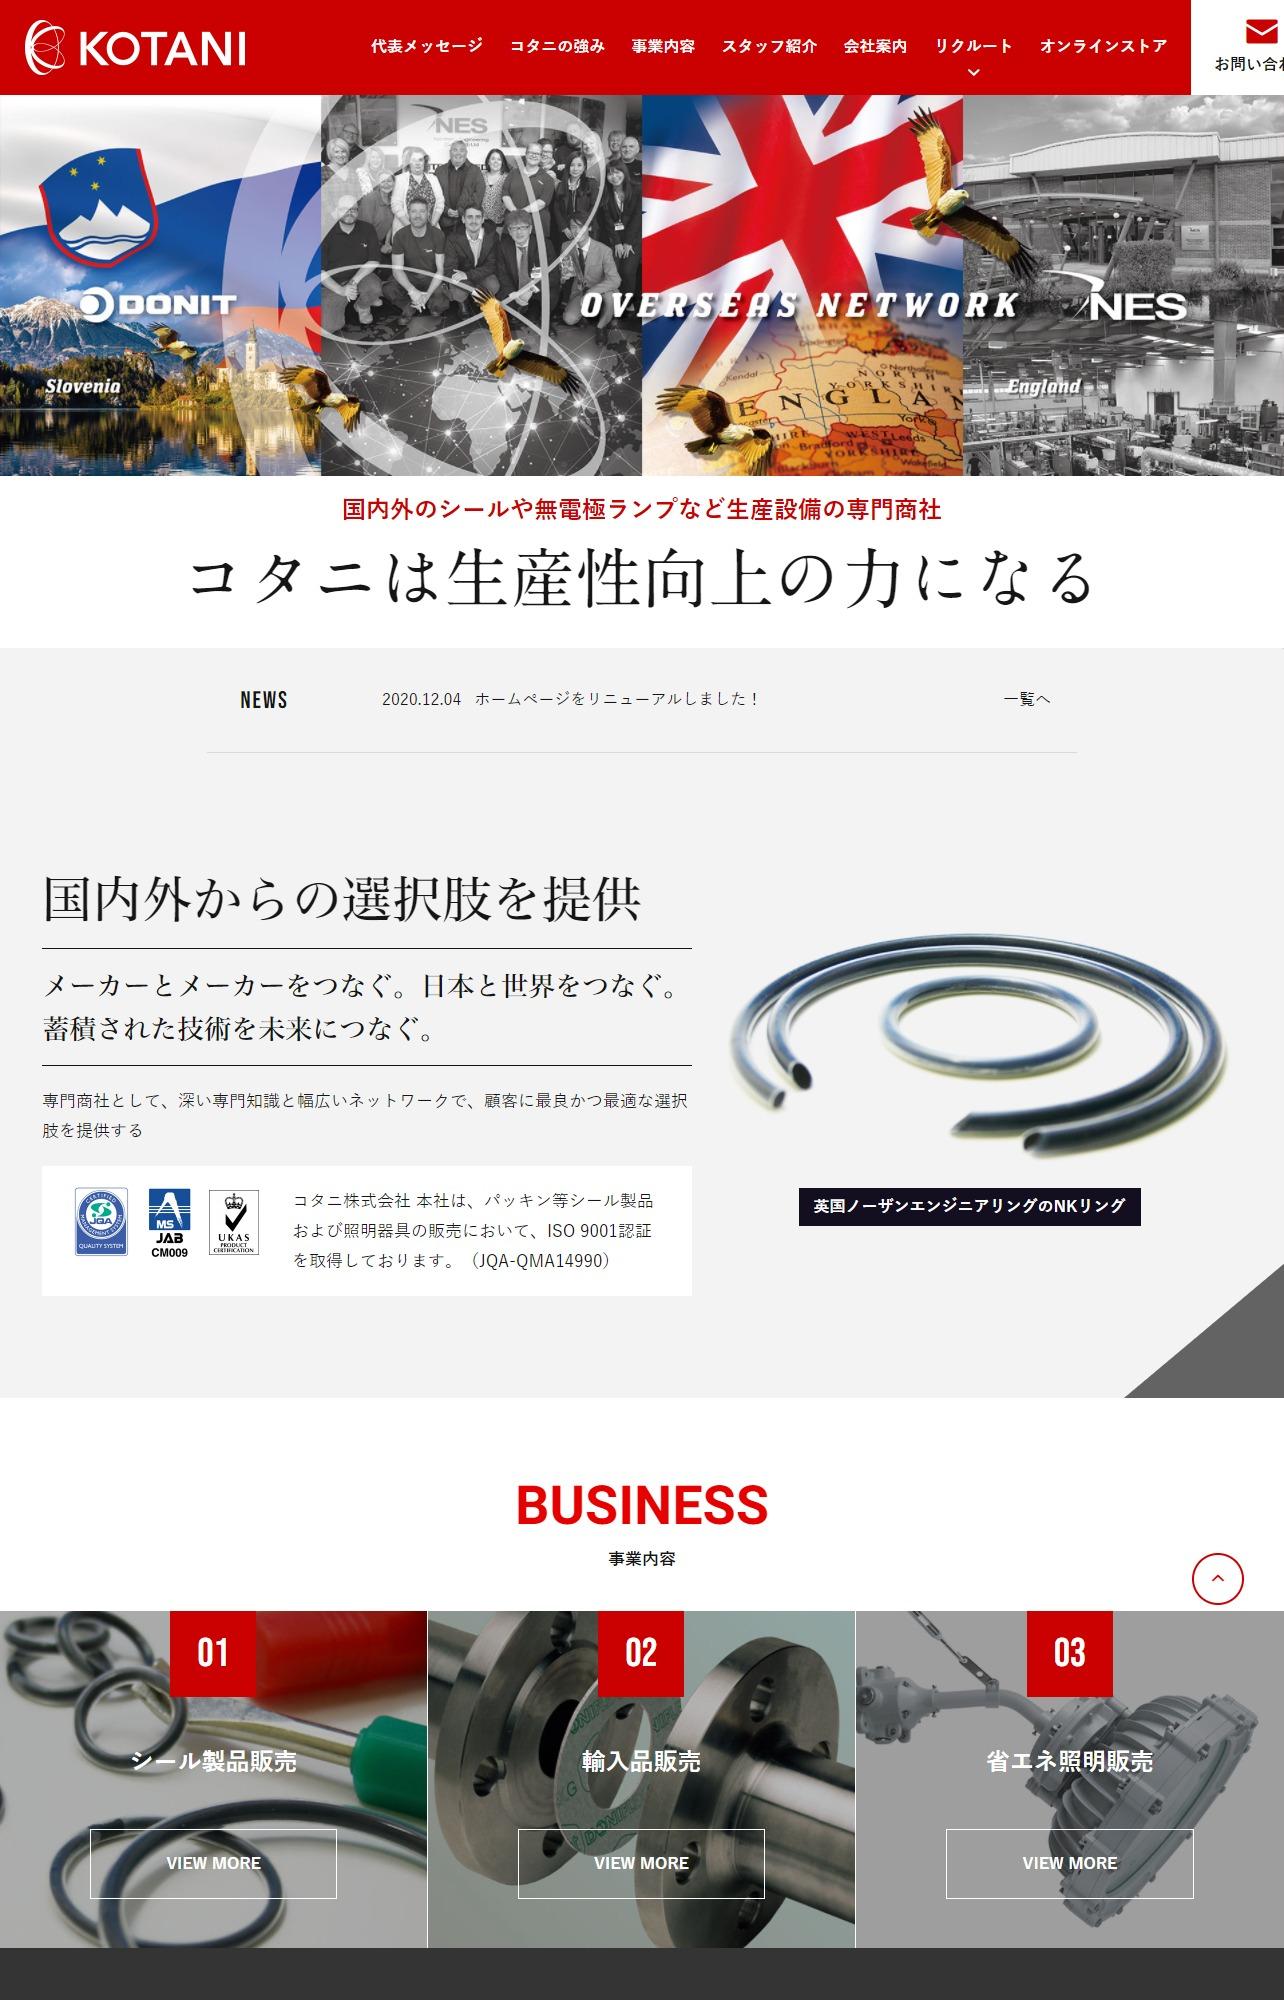 コタニ株式会社